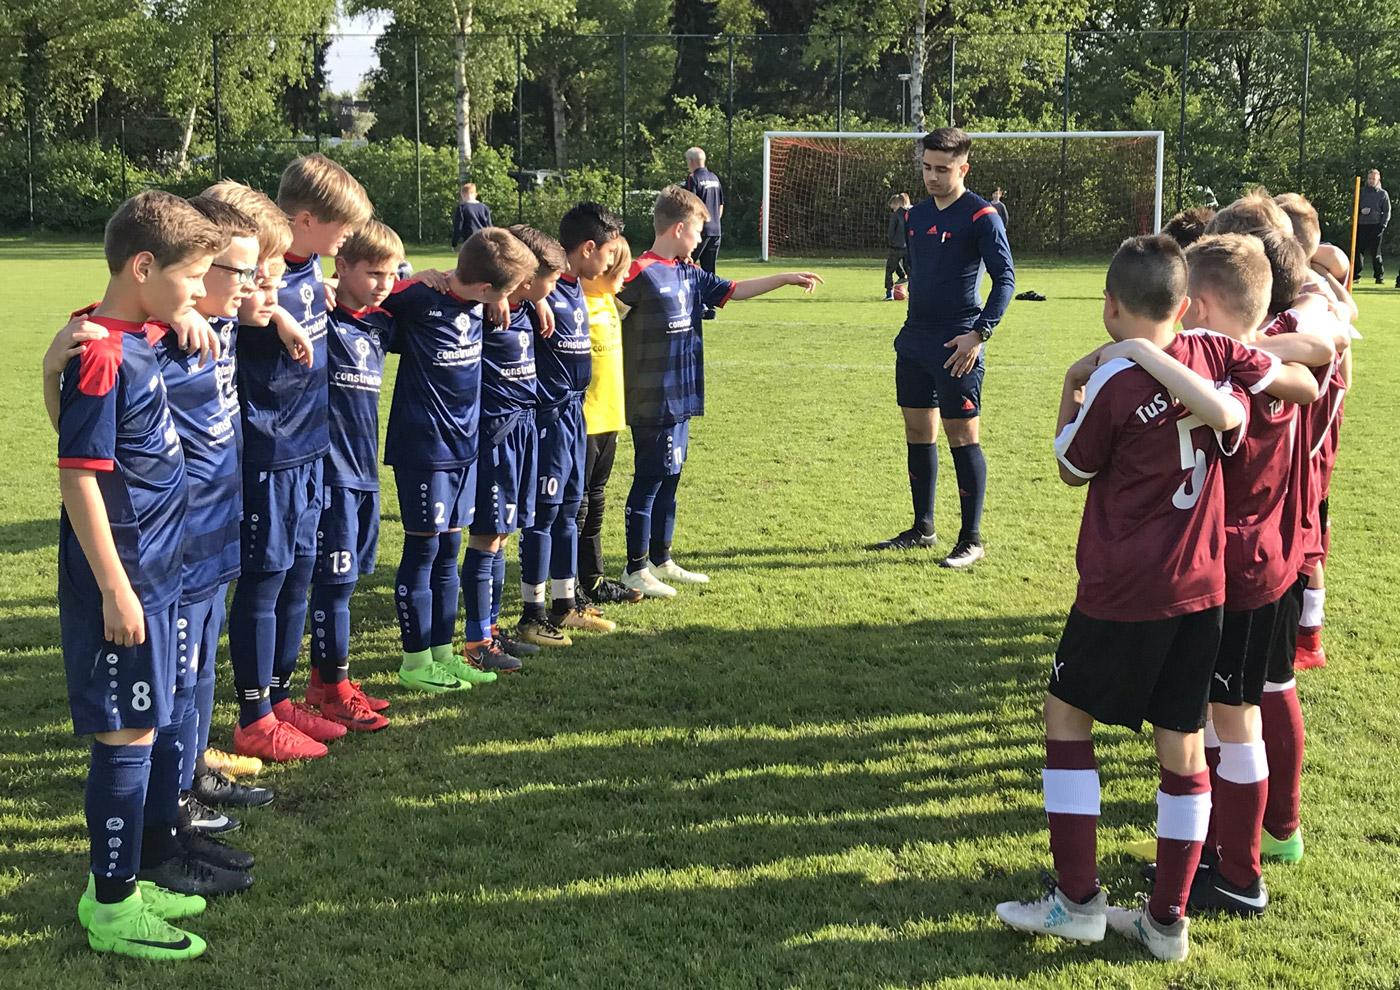 Bei bestem Fußballwetter freuten sich am Dienstagabend beide Teams auf ein weiteres Aufeinandertreffen in dieser Spielzeit.